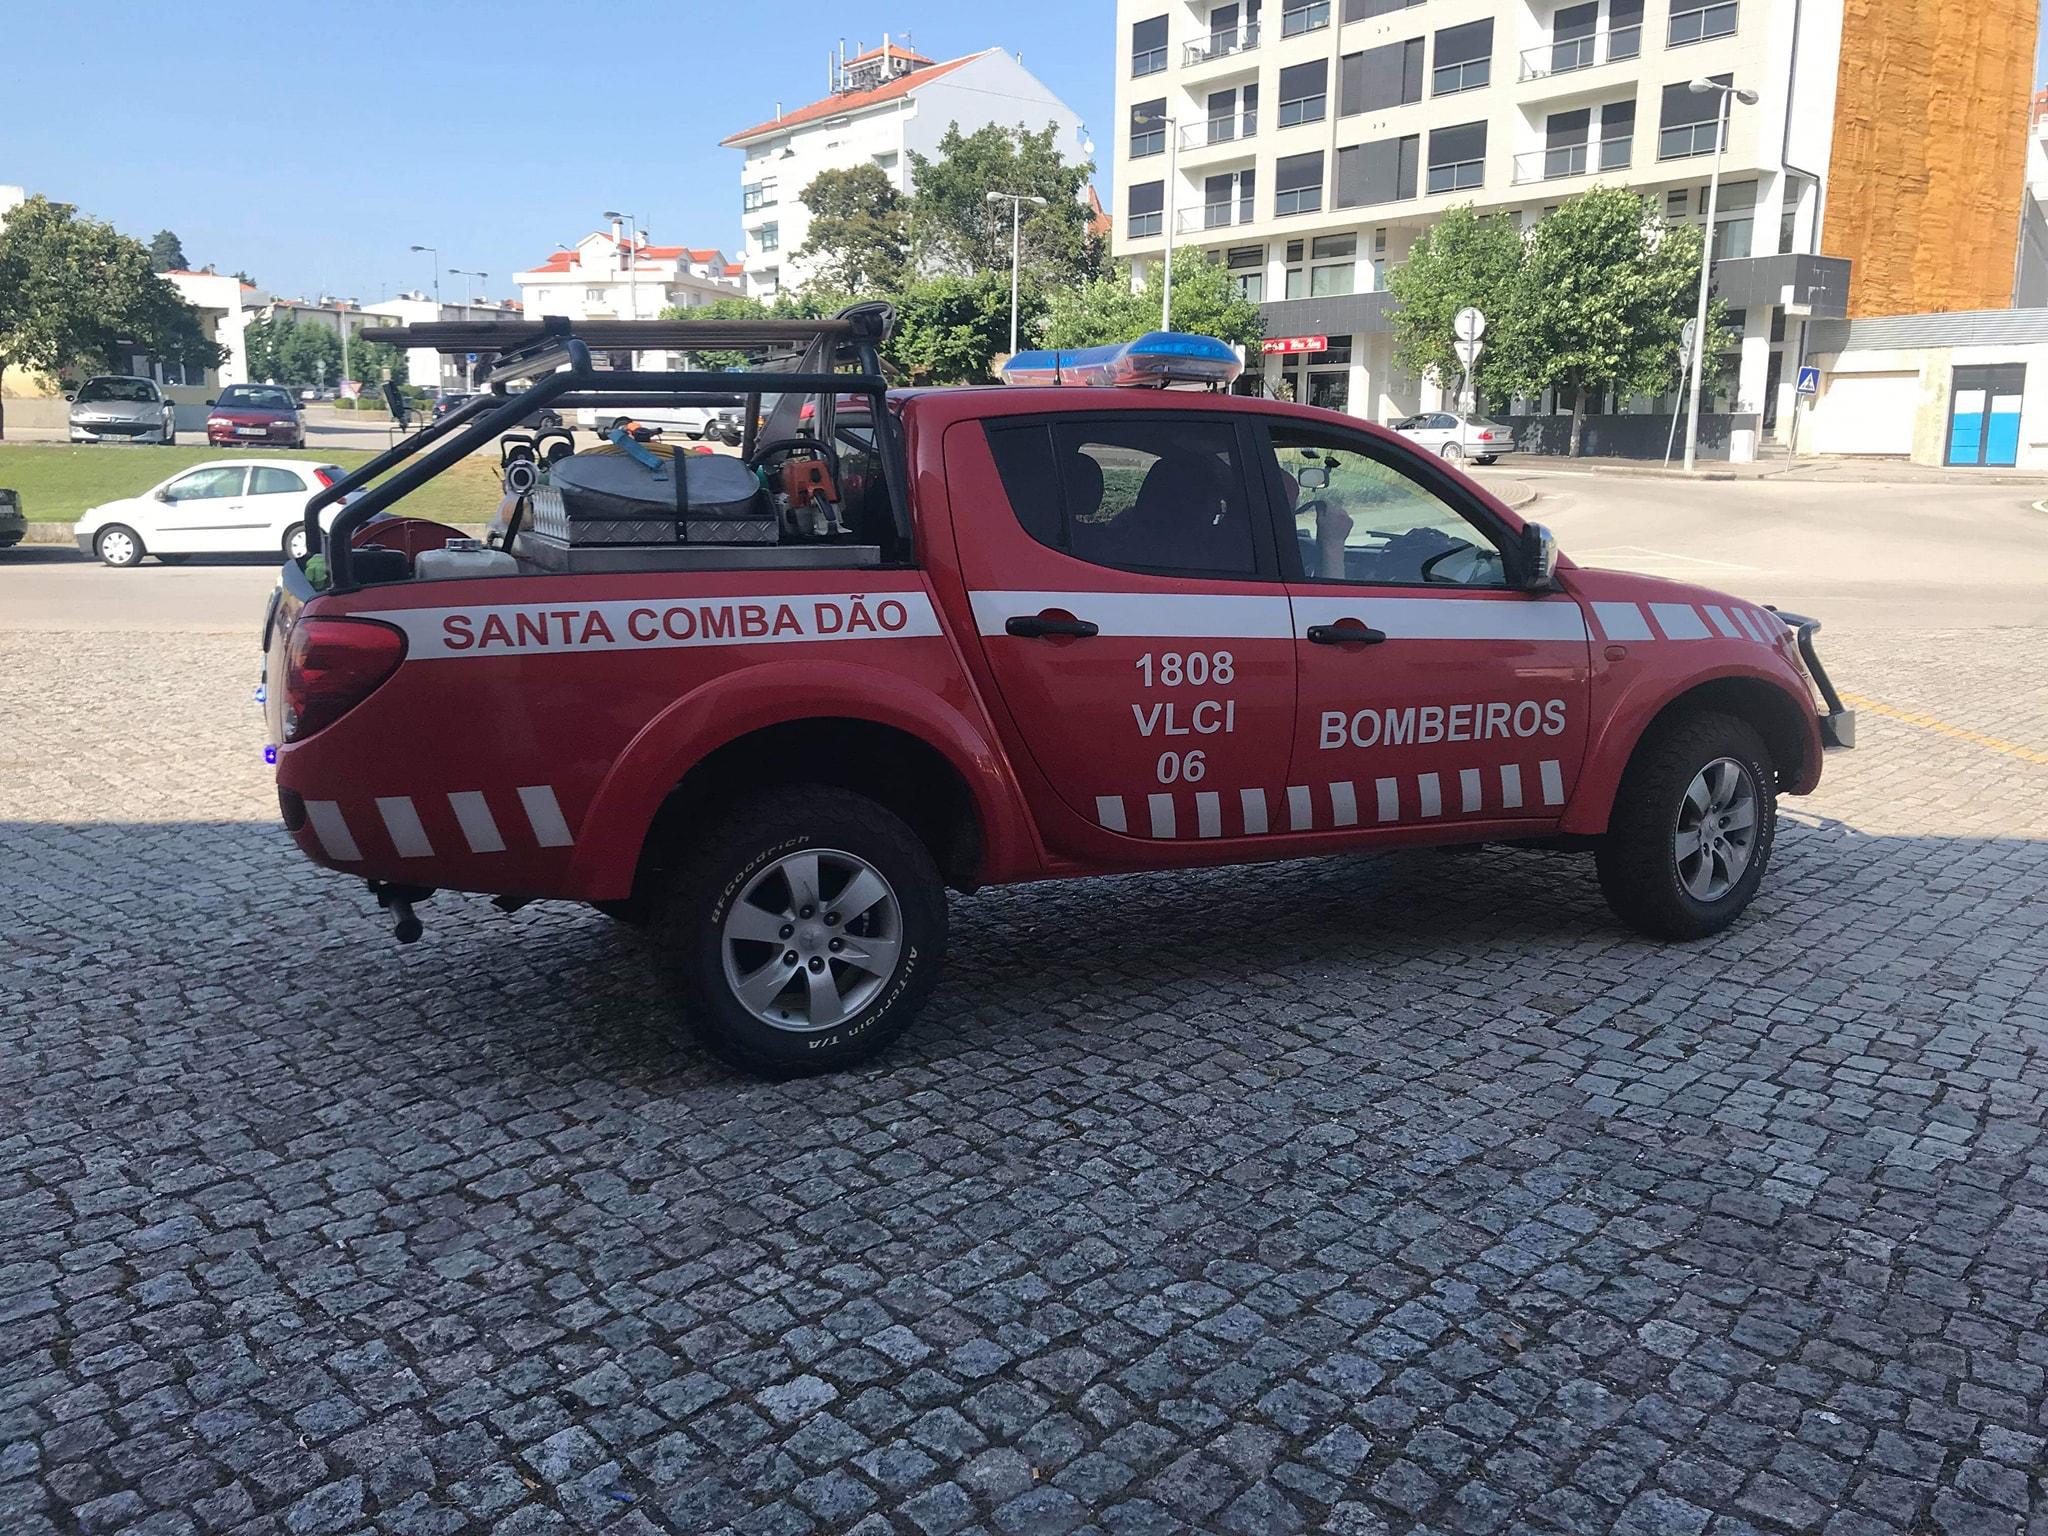 Covid-19: Buzinão solidário aos Bombeiros Voluntários de Santa Comba Dão